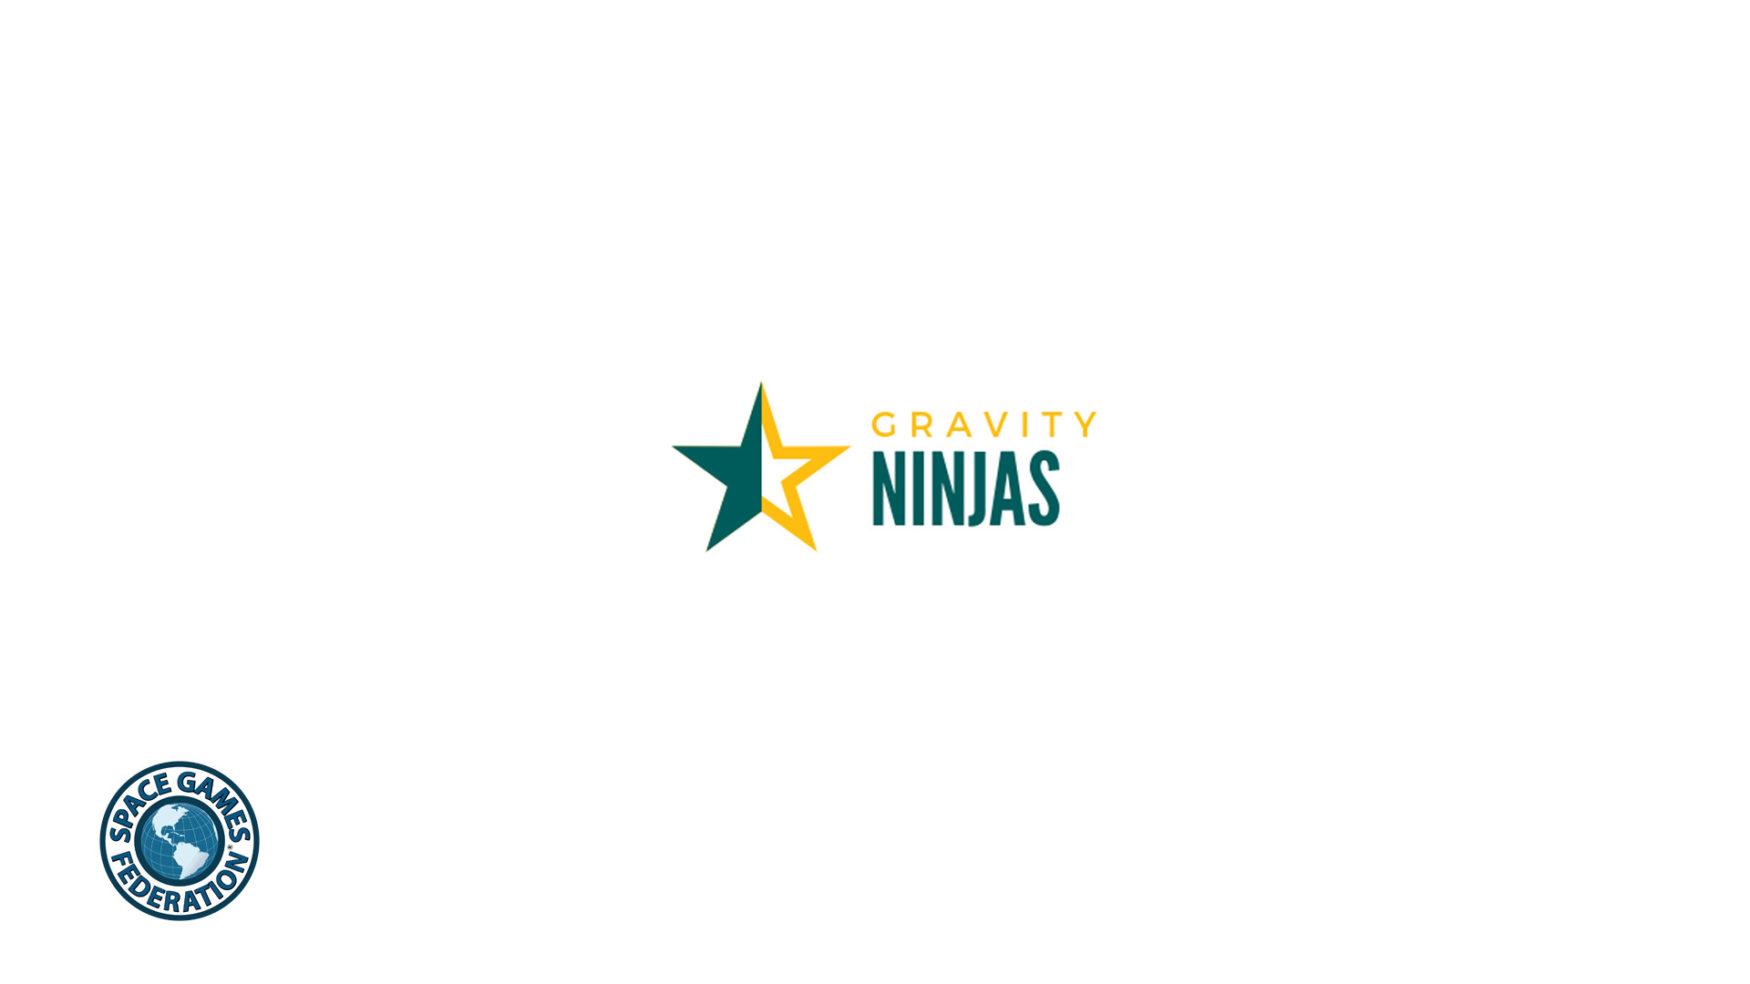 14). Gravity Ninjas